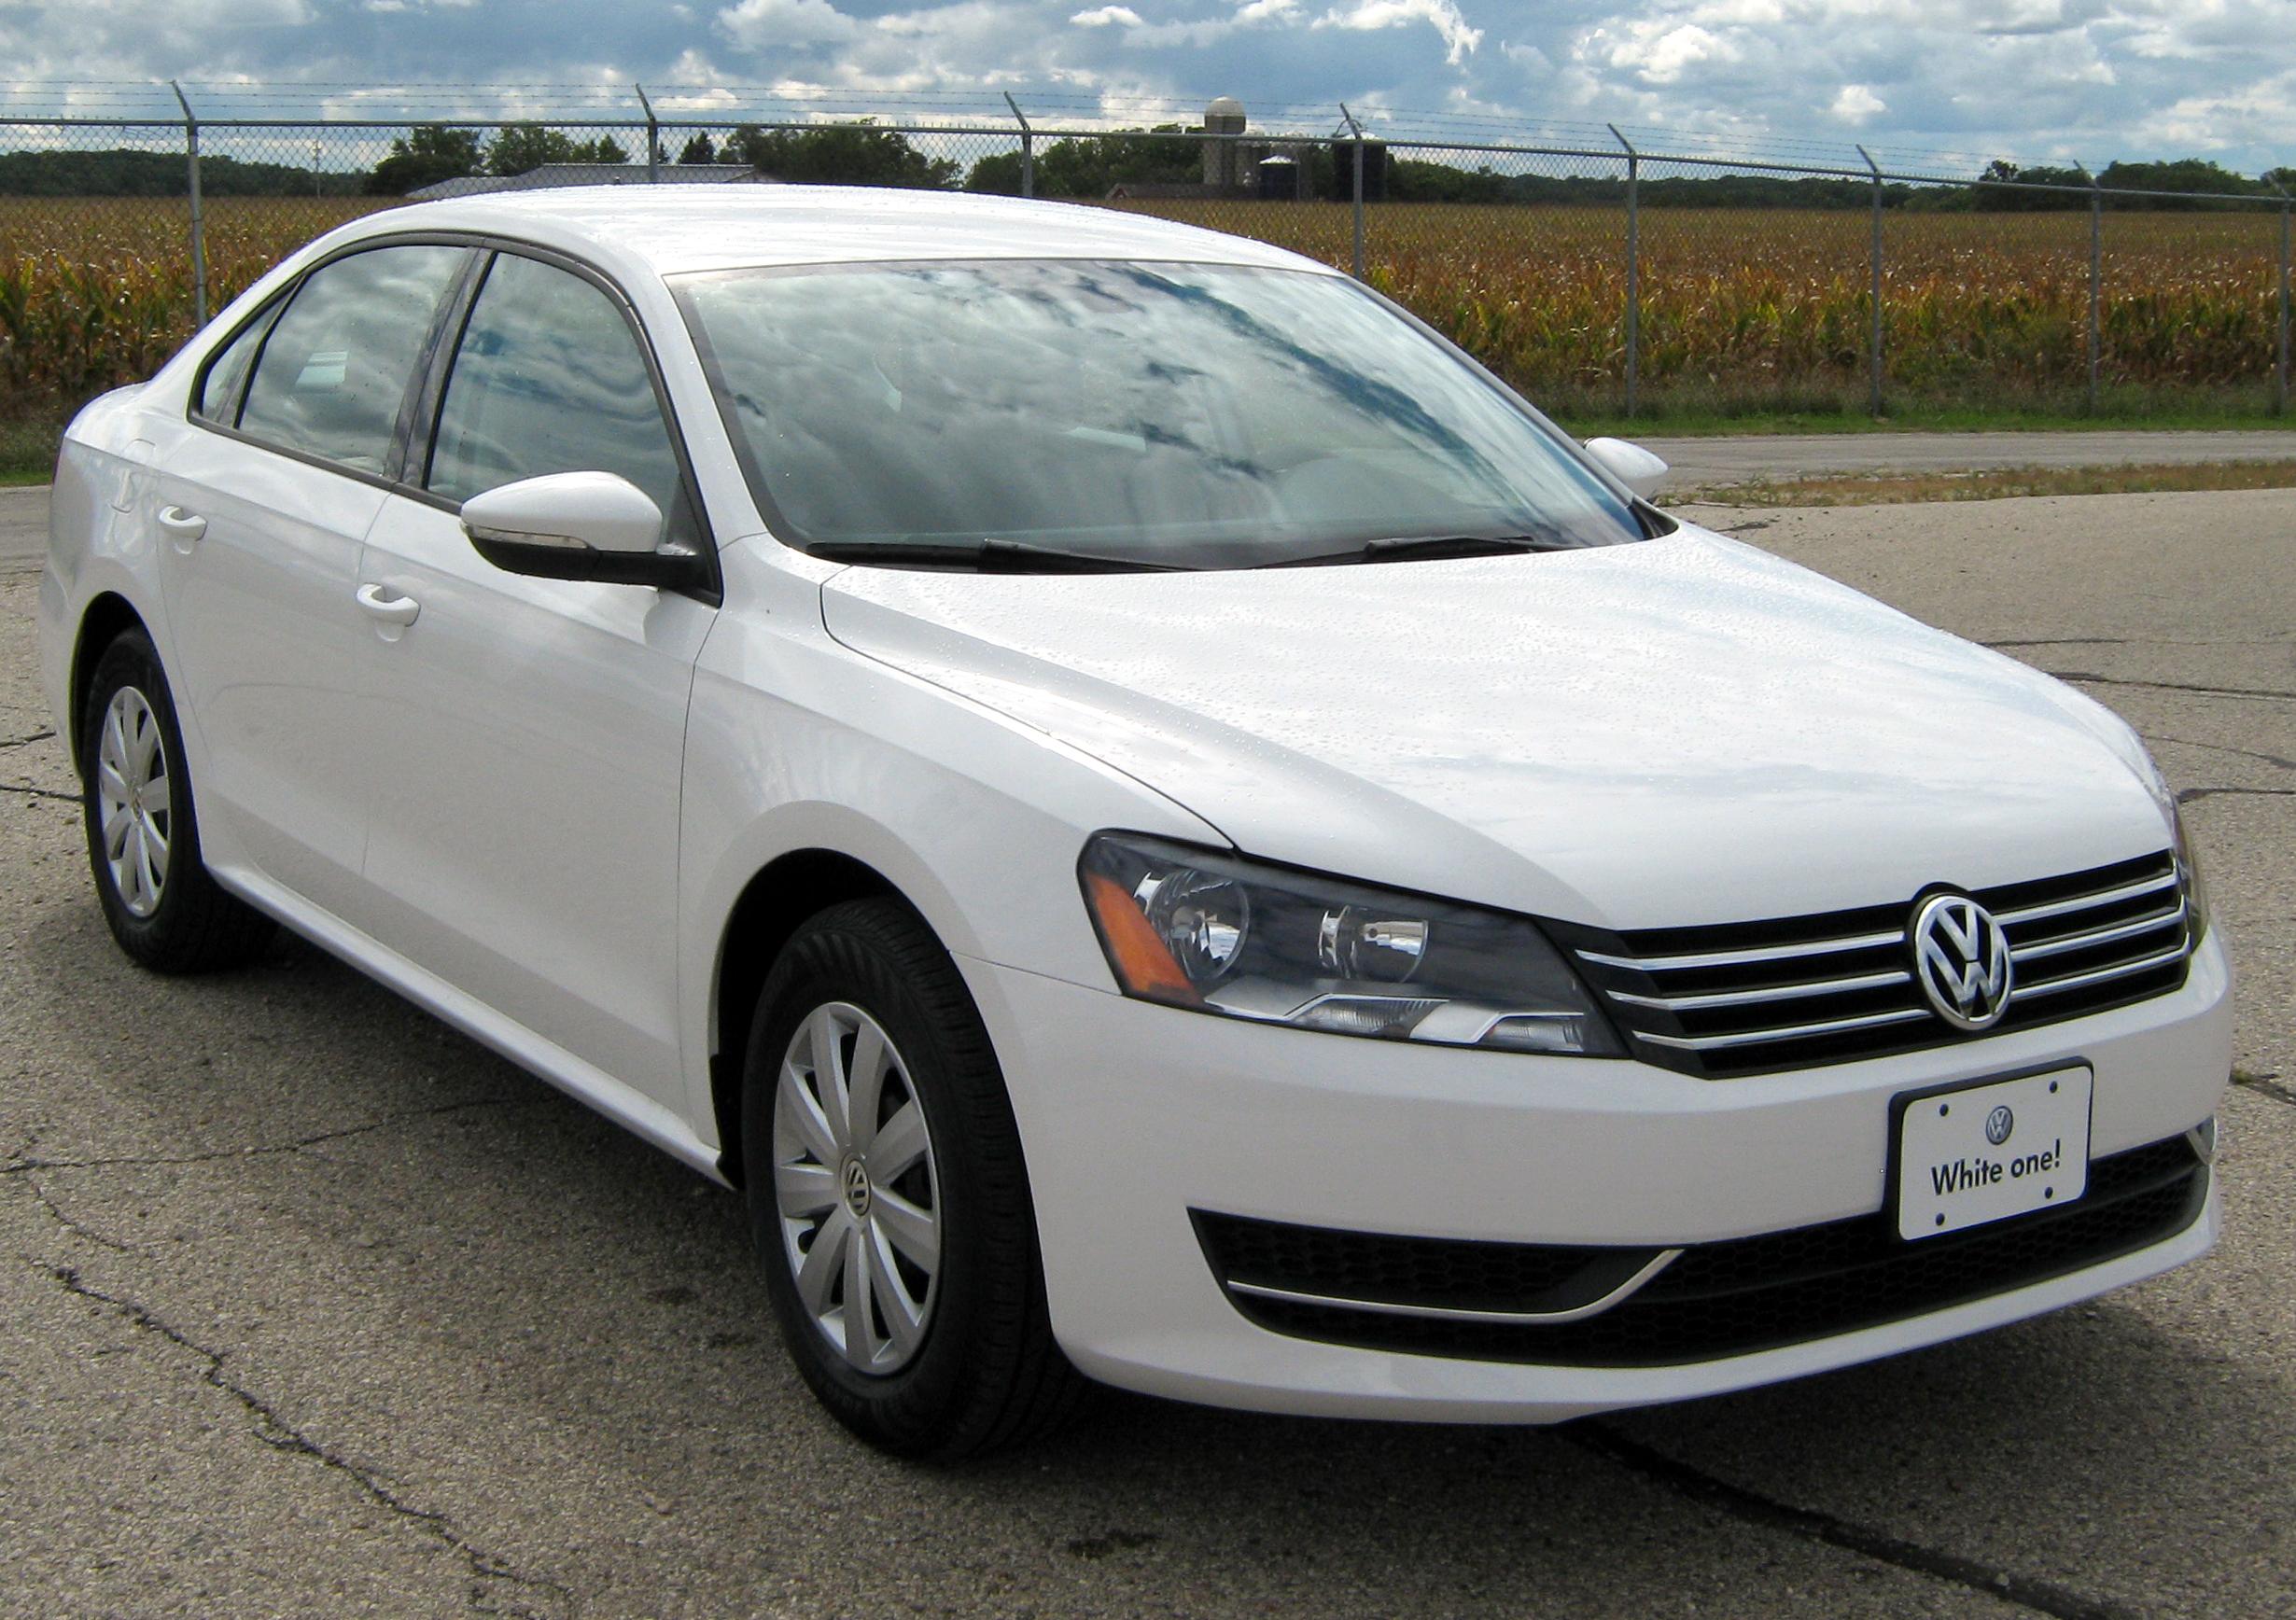 La estafa de Volkswagen también afecta a los ayuntamientos: el IVTM